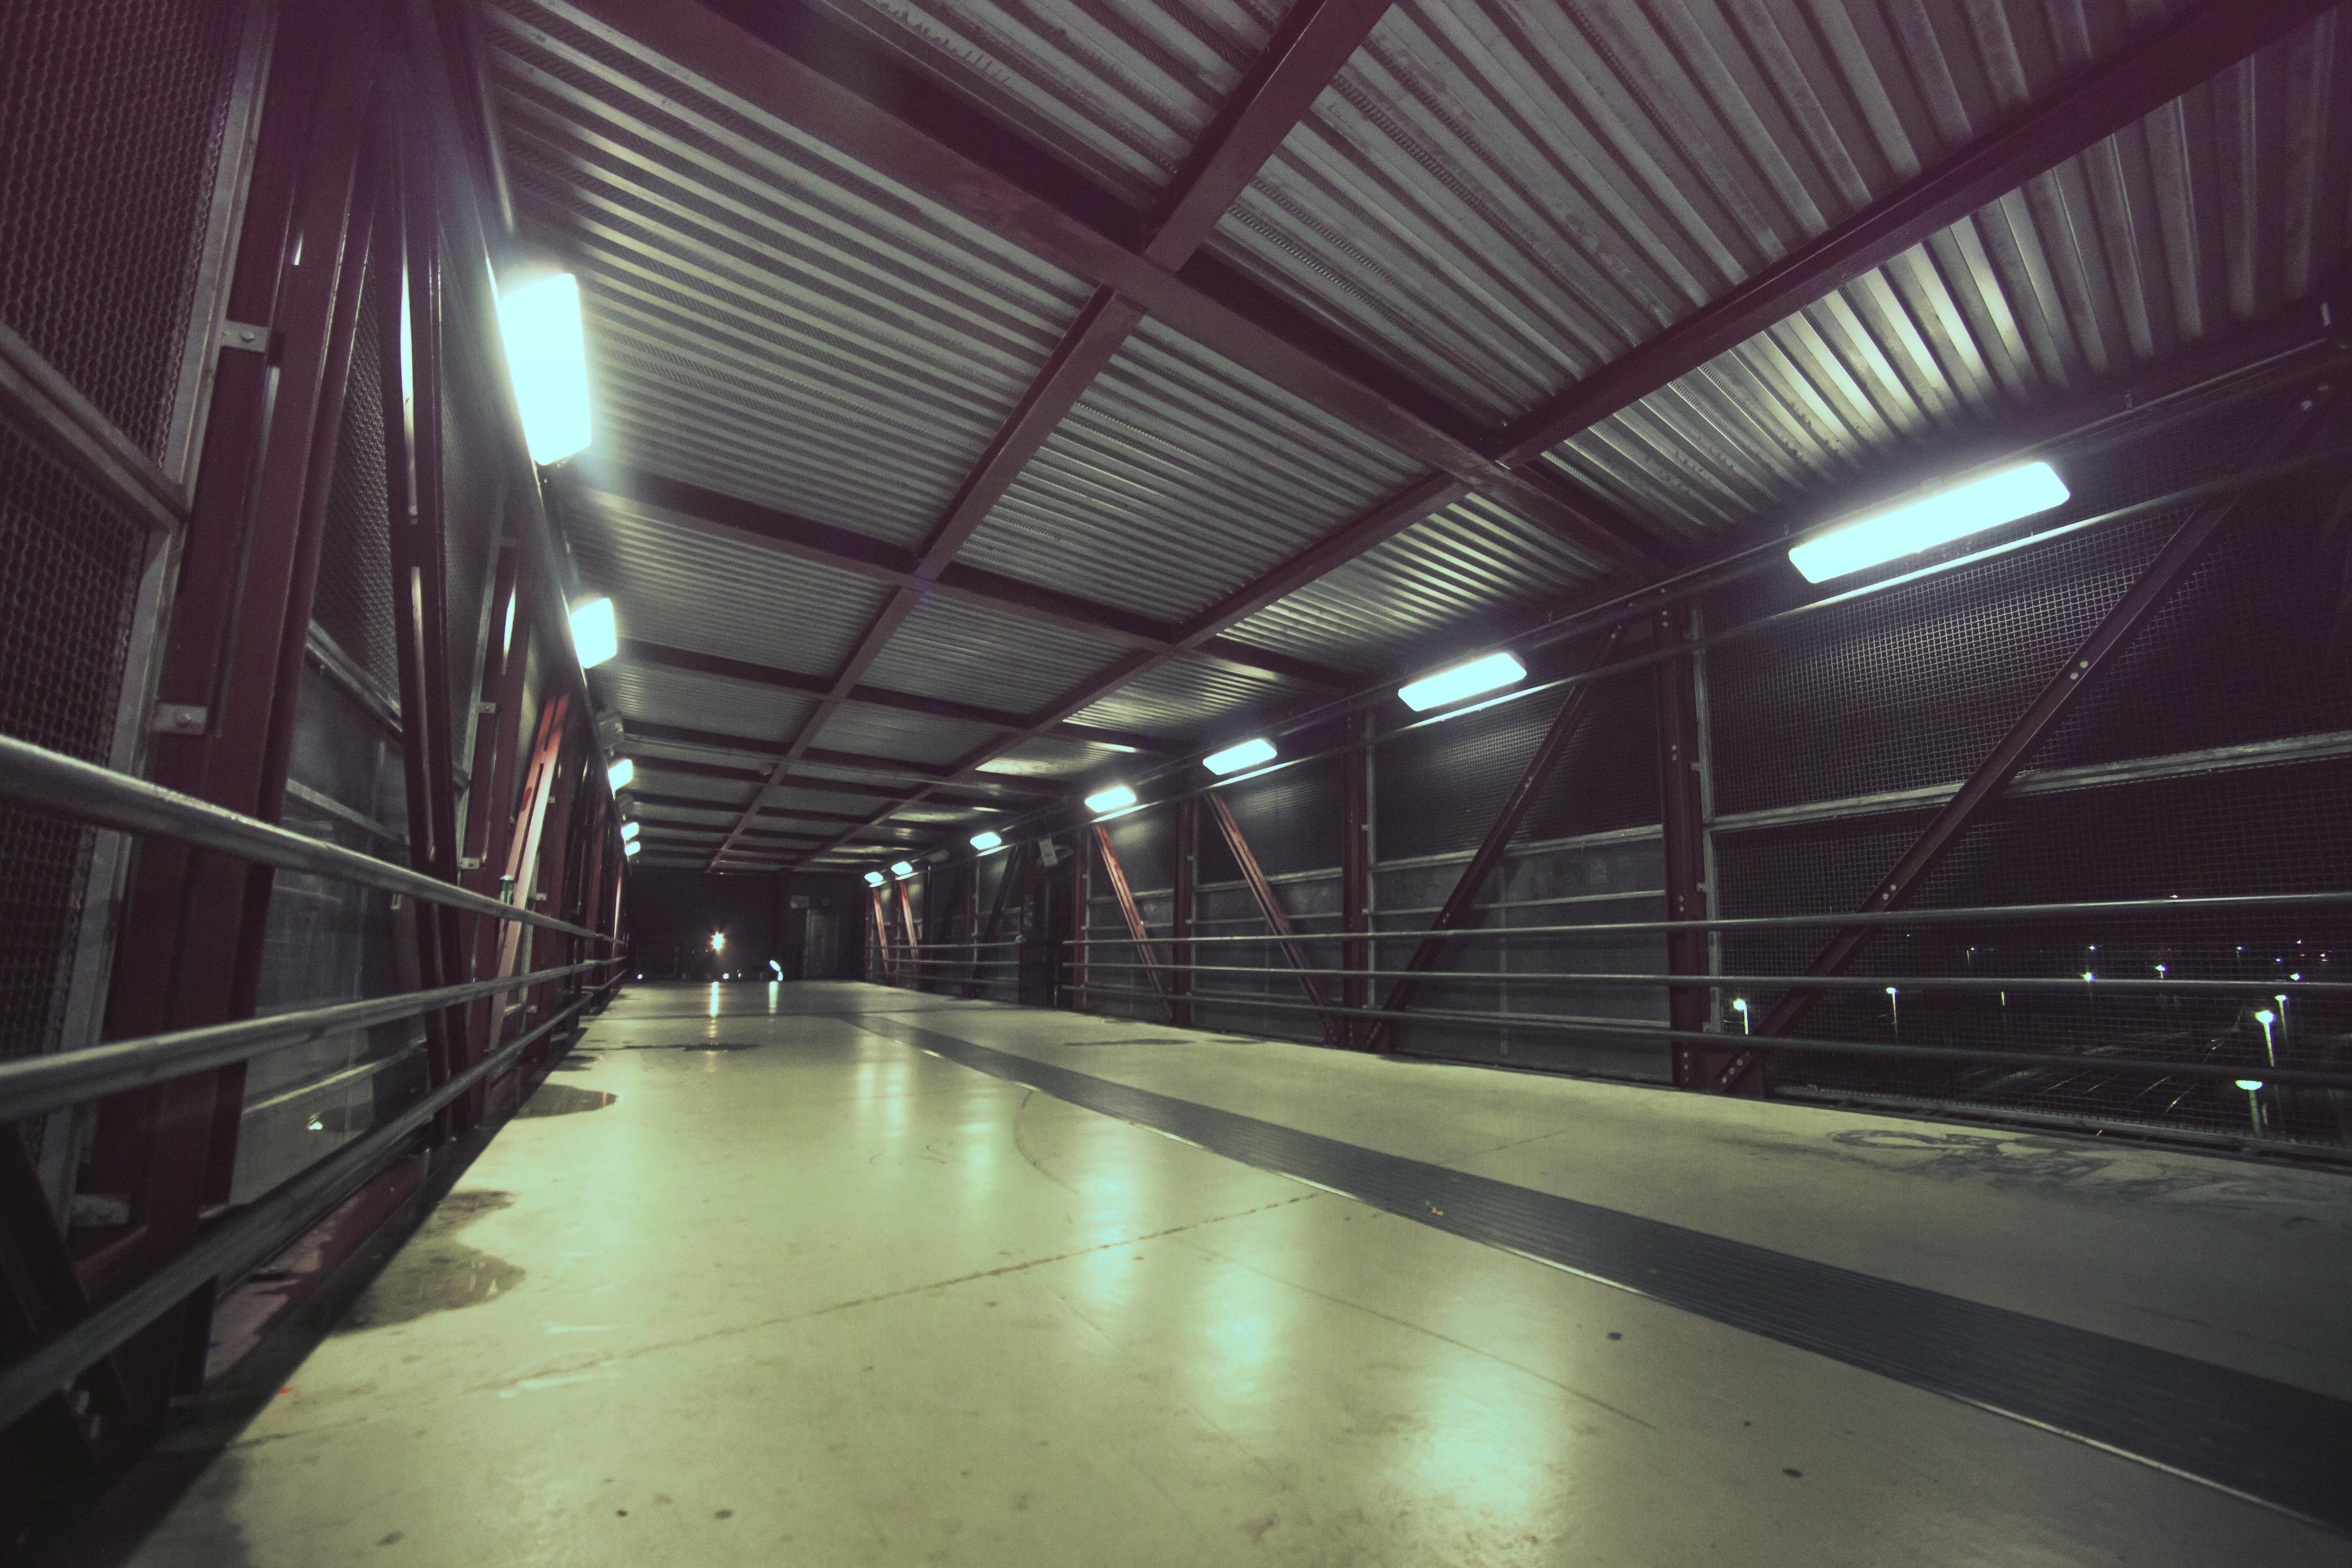 Kostenlose foto : Licht, Brücke, Stadt, städtisch, Tunnel, U-Bahn ...